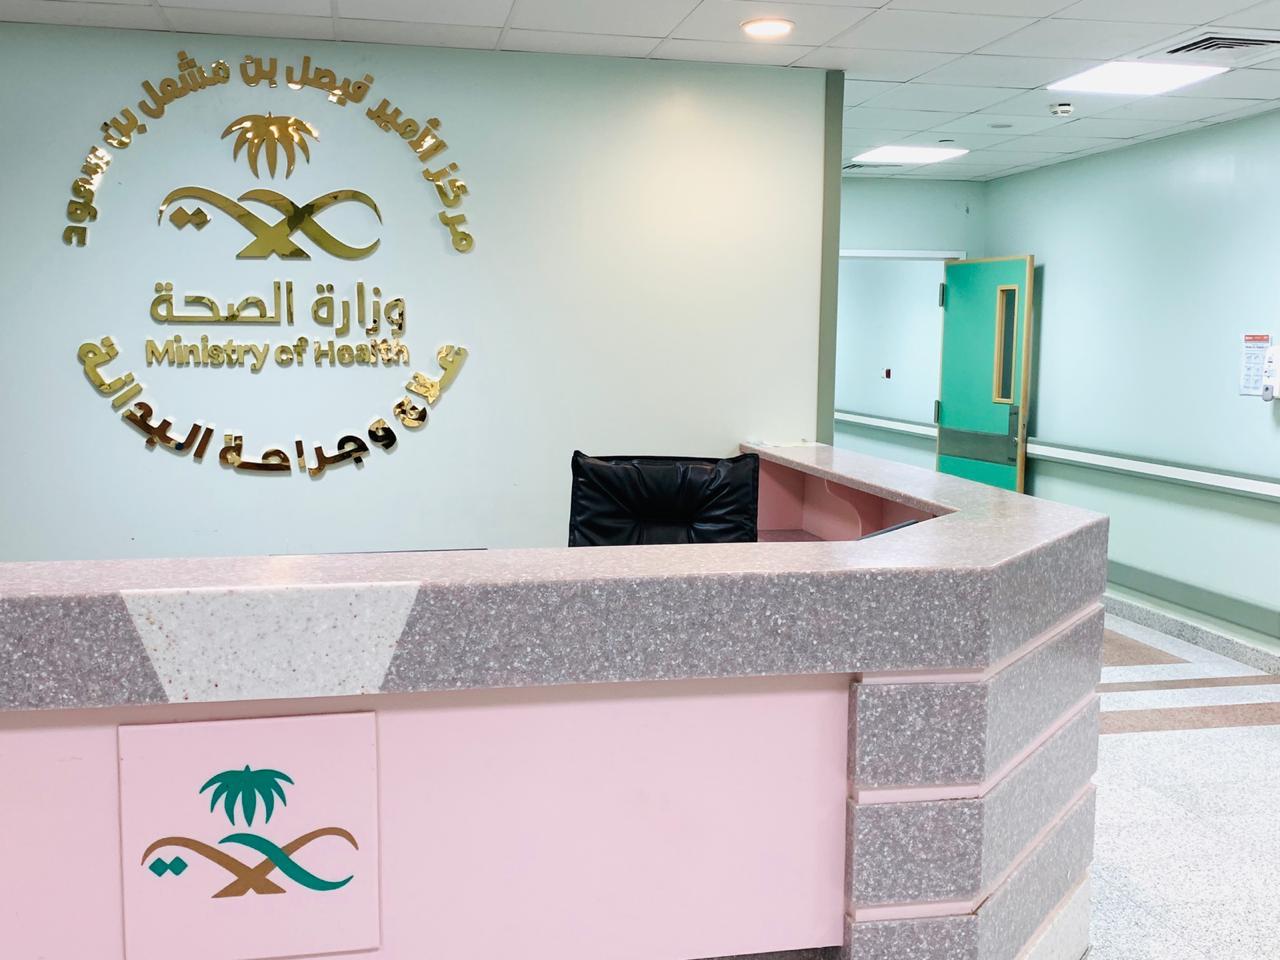 1900 مراجع لمركز فيصل بن مشعل لعلاج وجراحة البدانة في الربع الأول لـ 2019م